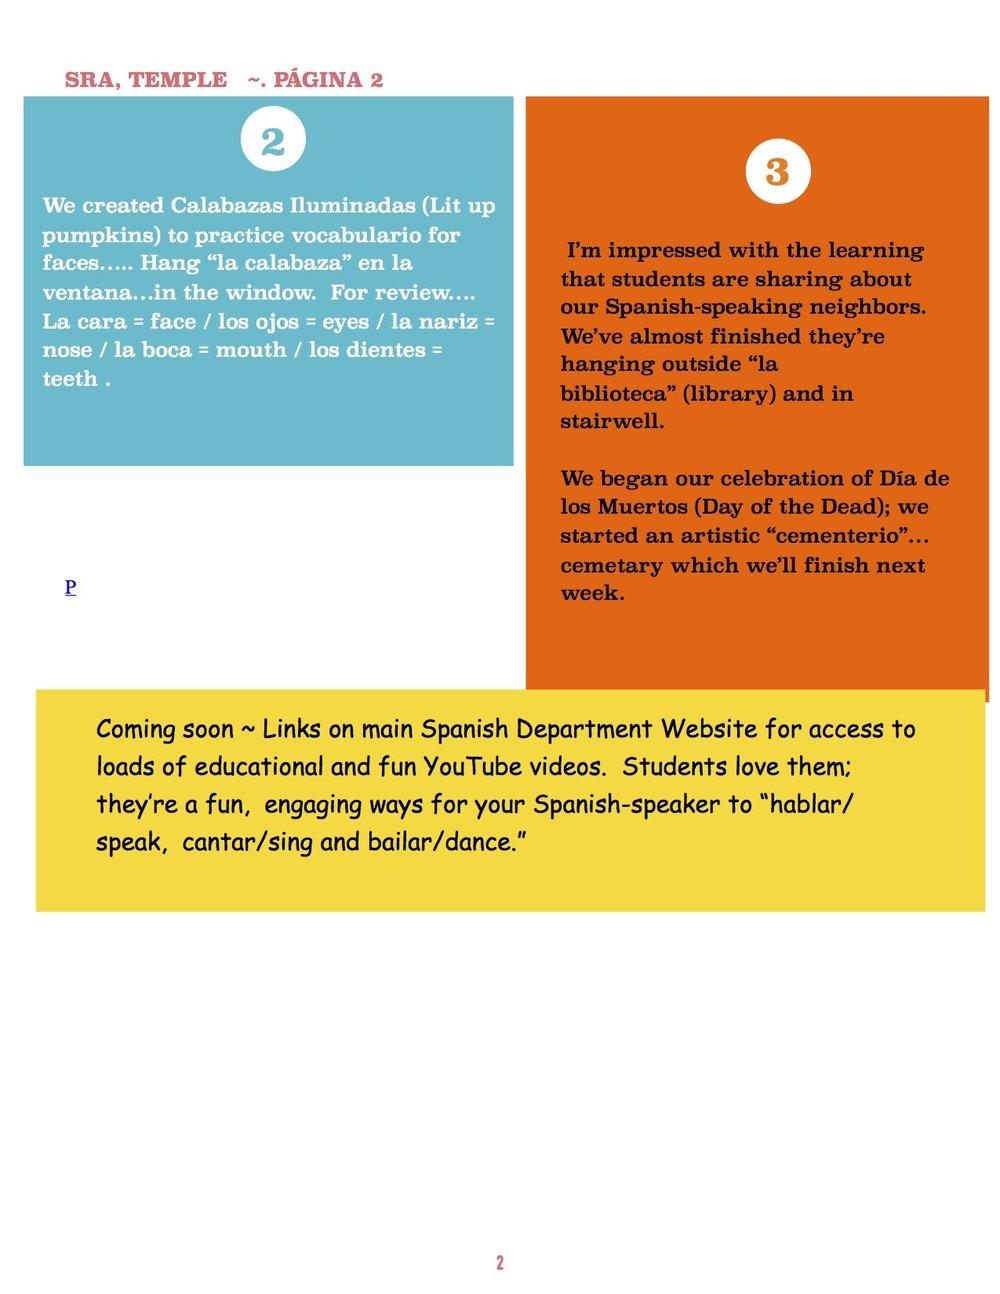 Noticias 8 Page 2.jpg